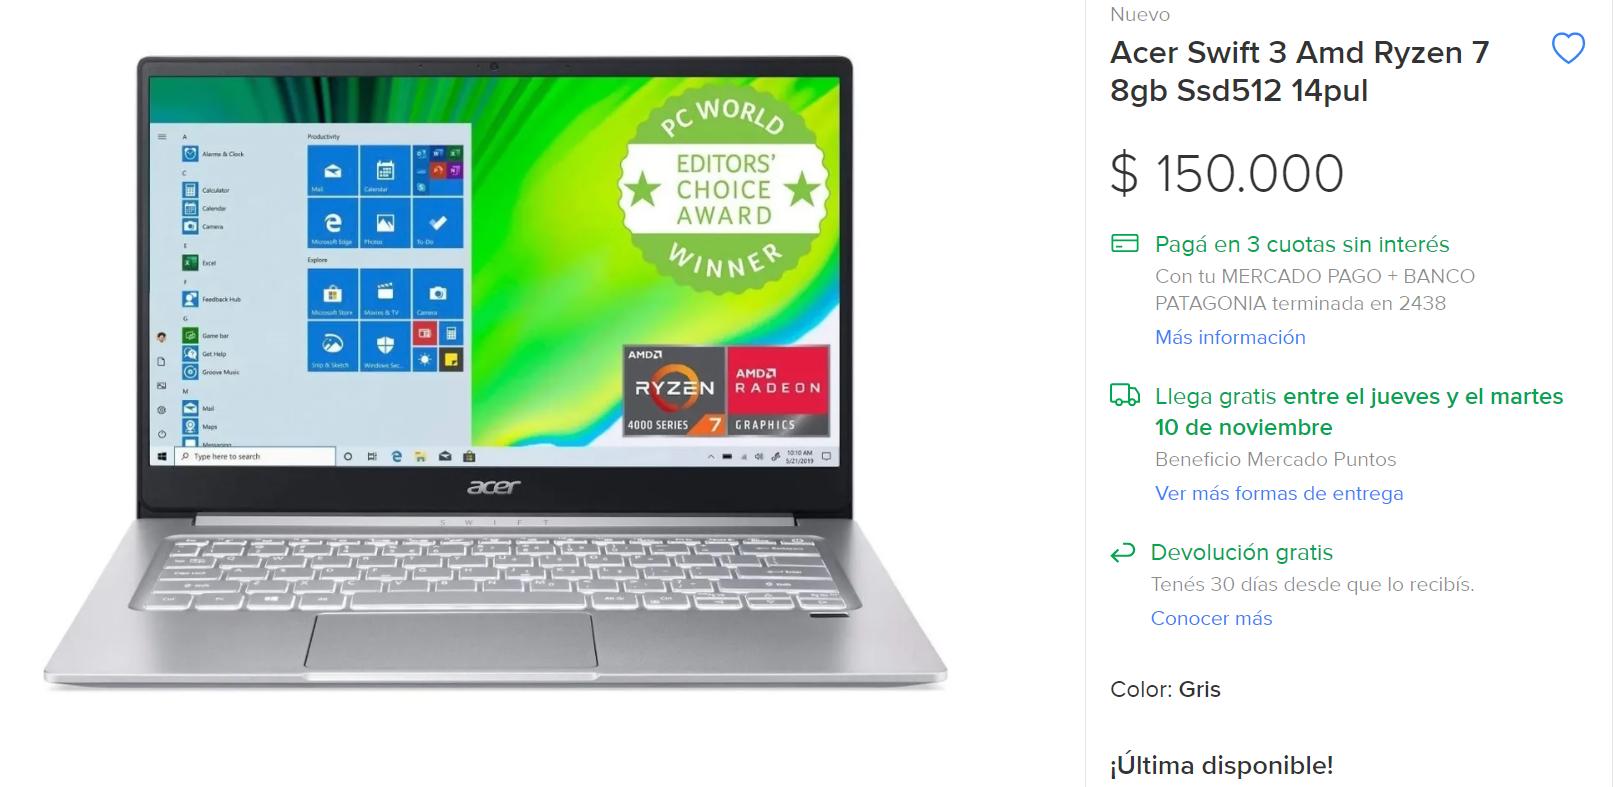 Precio Promedio en Mercado libre de la Acer Swift 3 SF314-42 AR$ 150.000